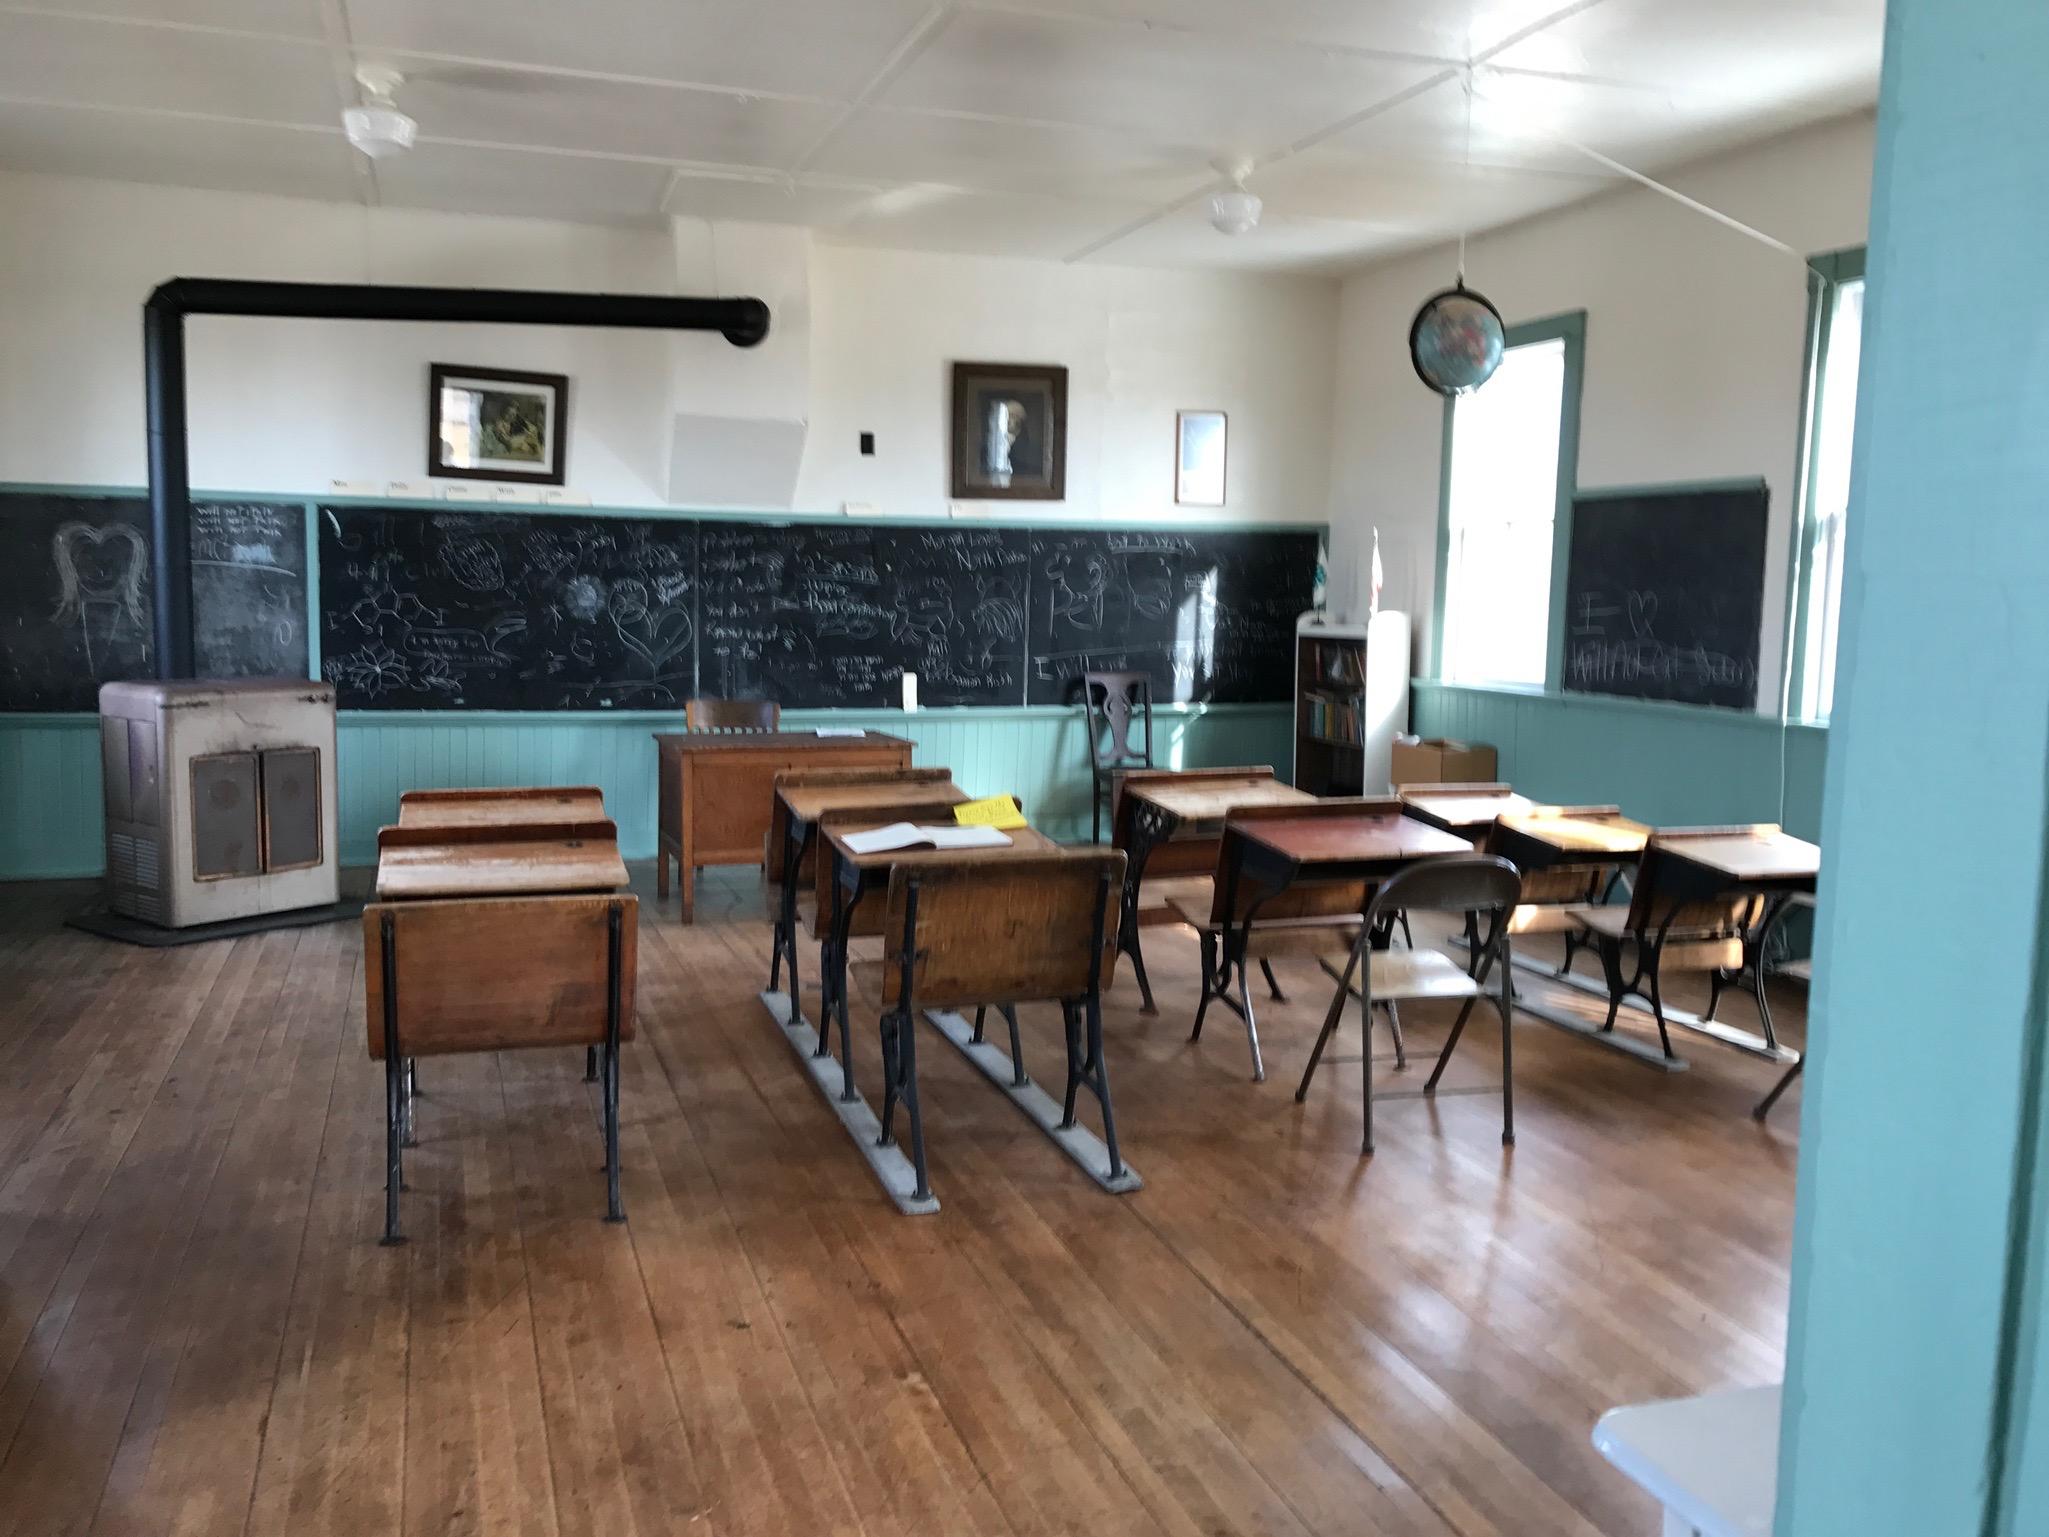 Inside Gill School